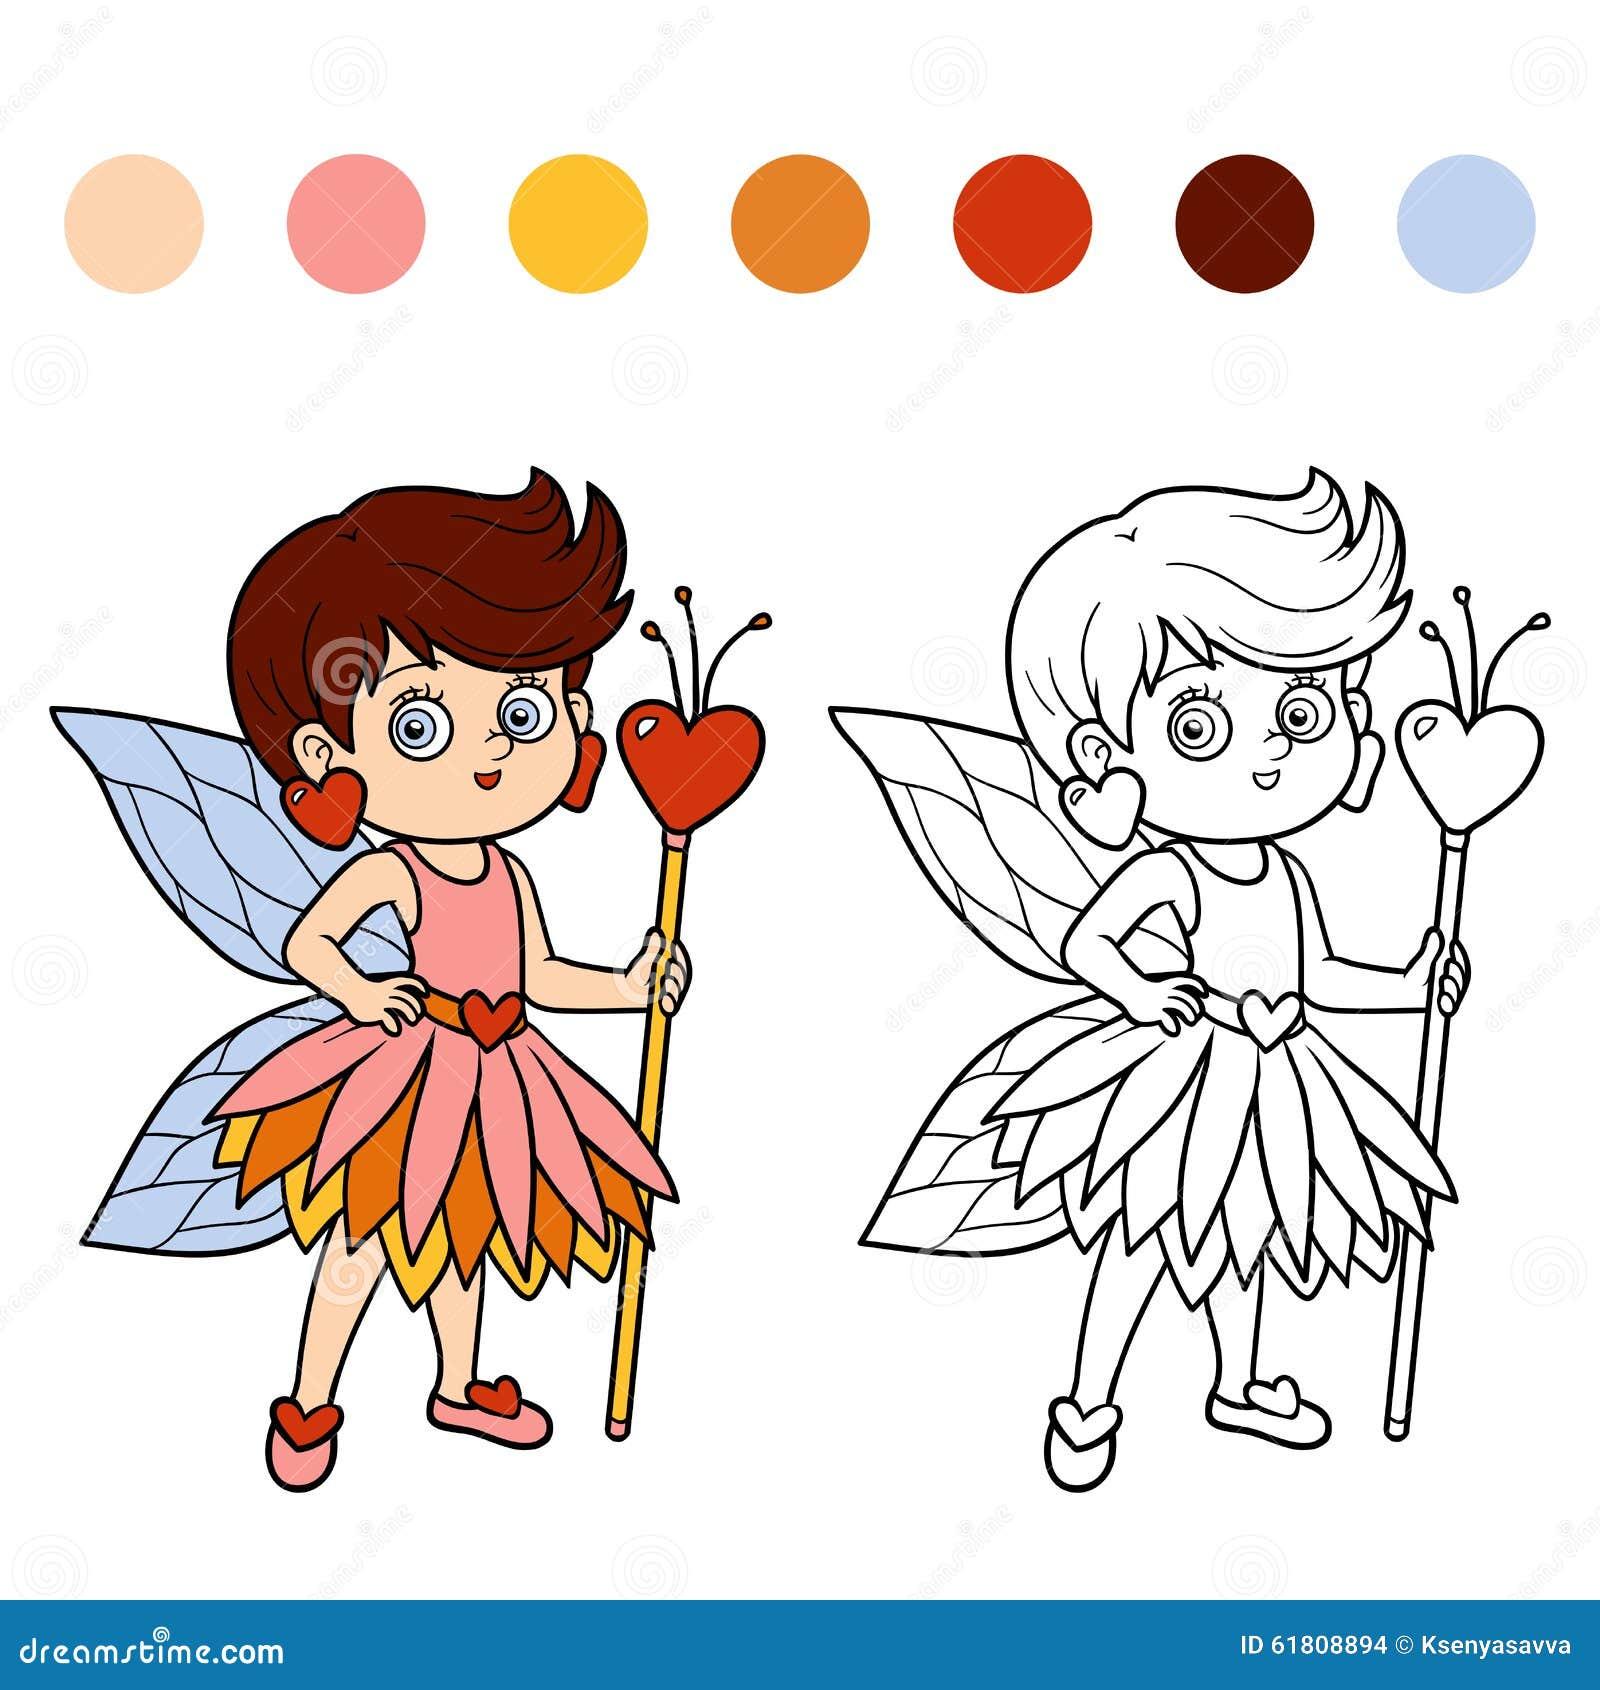 孩子的彩图:小神仙